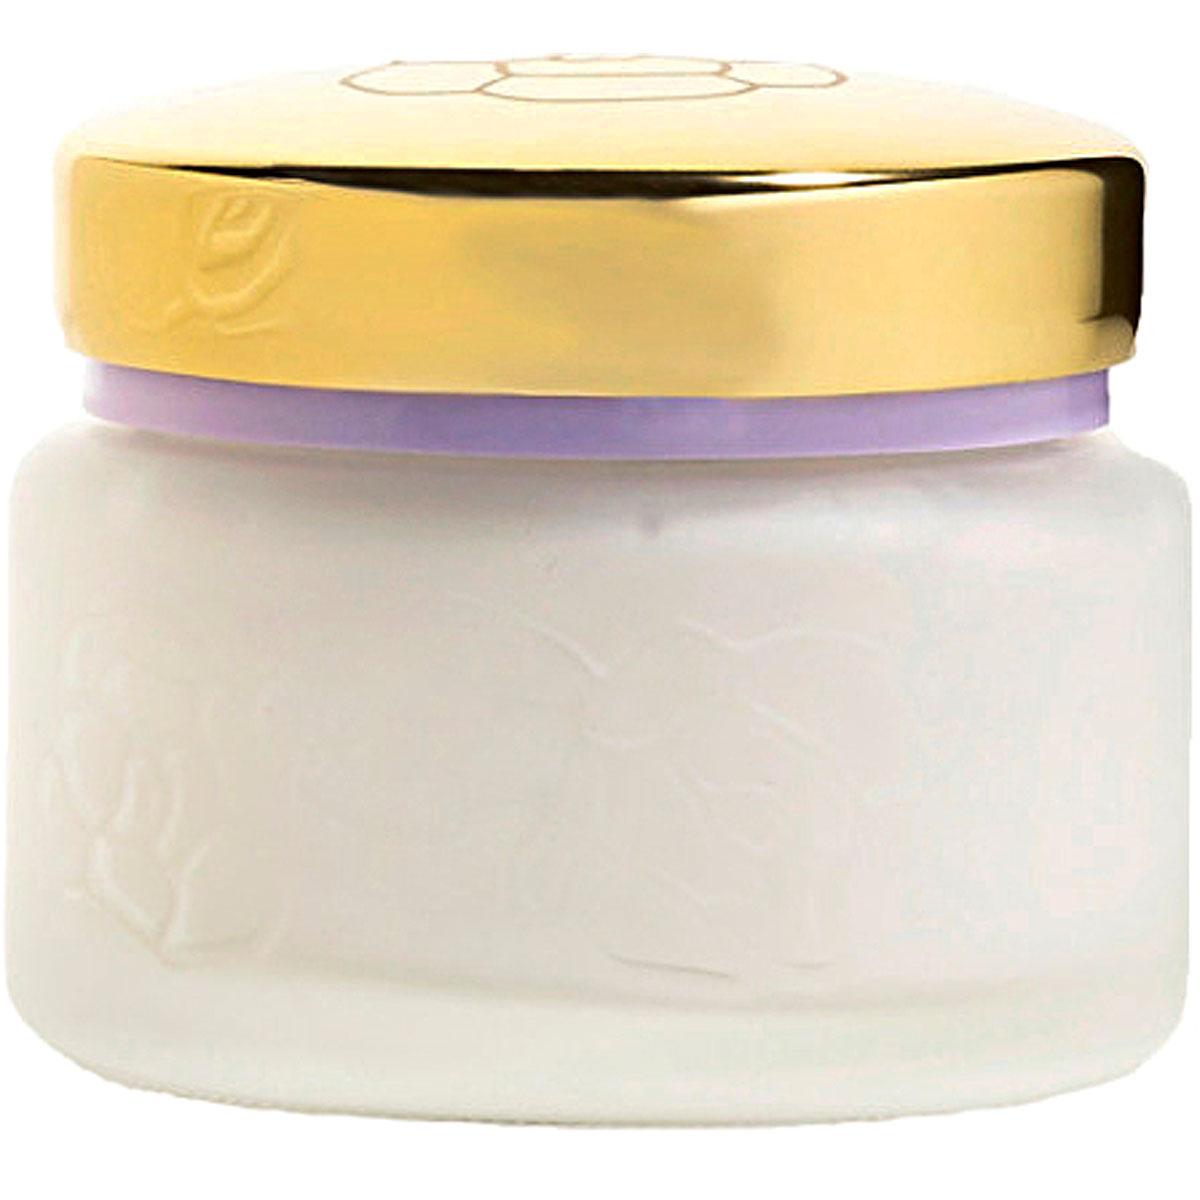 Houbigant Paris Beauty for Women, Quelques Fleurs L Original - Body Cream - 150 Ml, 2019, 150 ml